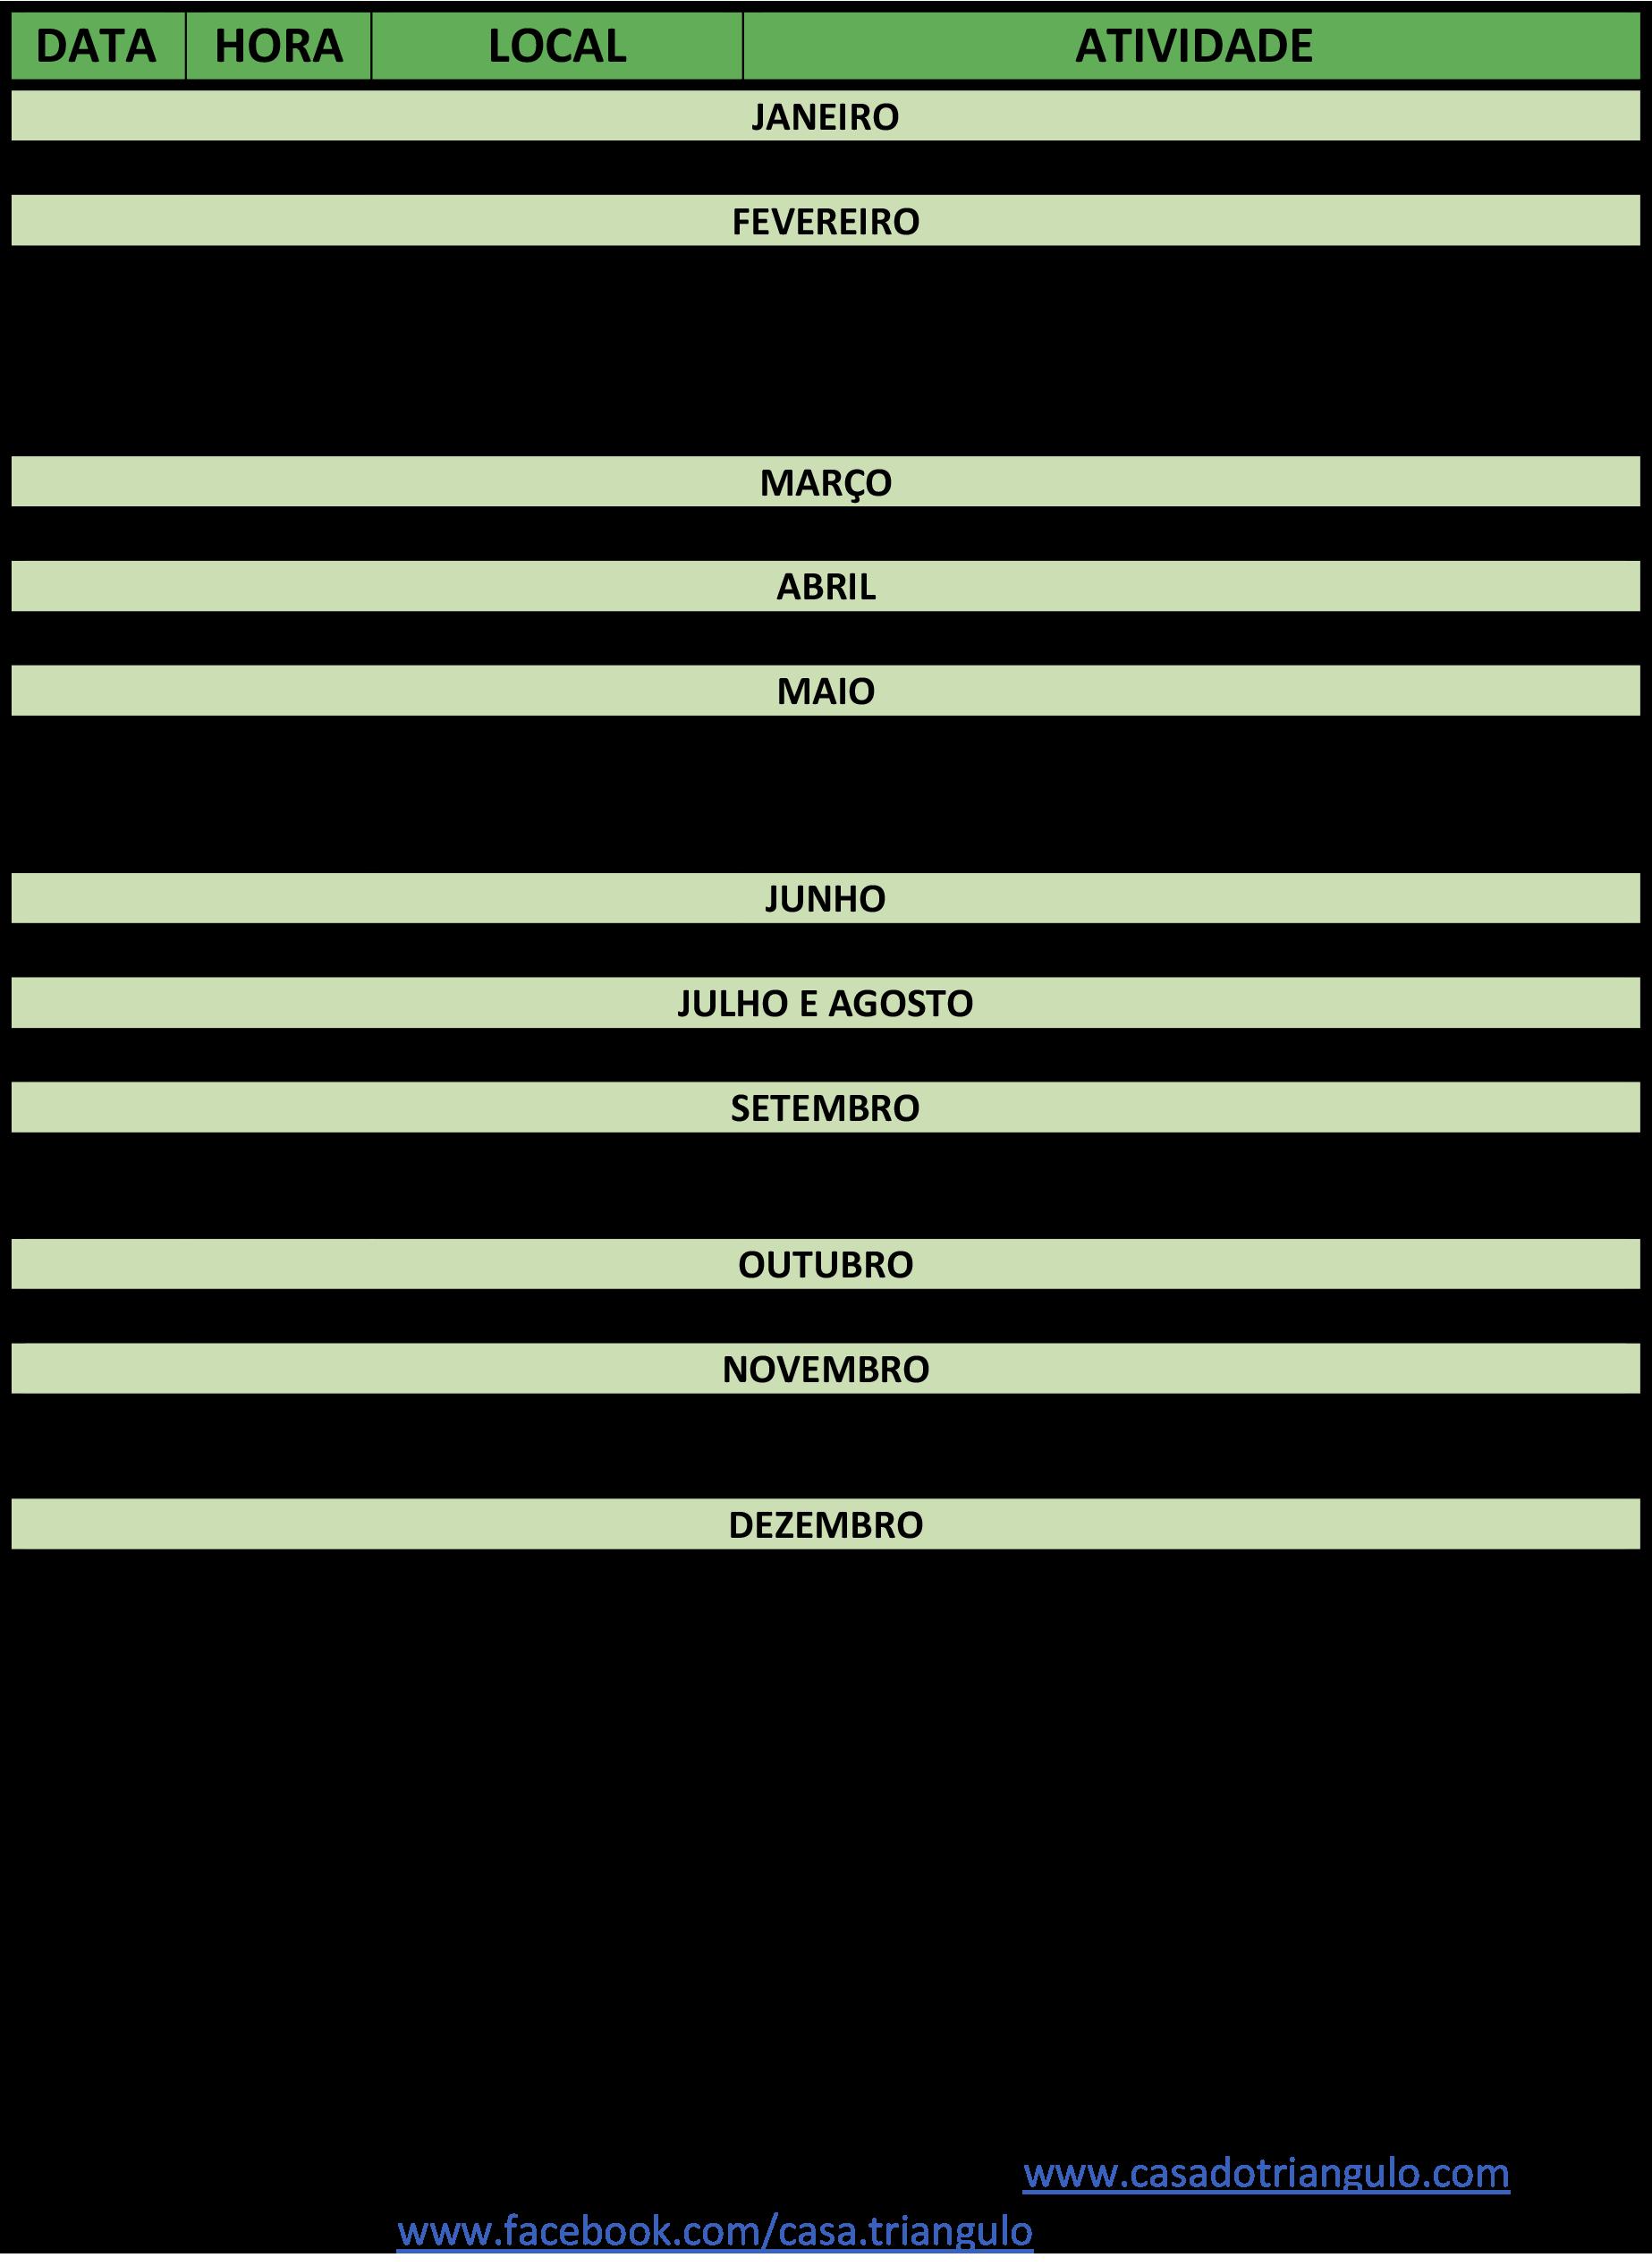 5050ed79a4 Cronograma - Plano de Atividades 2017 CT (versao2) - Casa do Triângulo